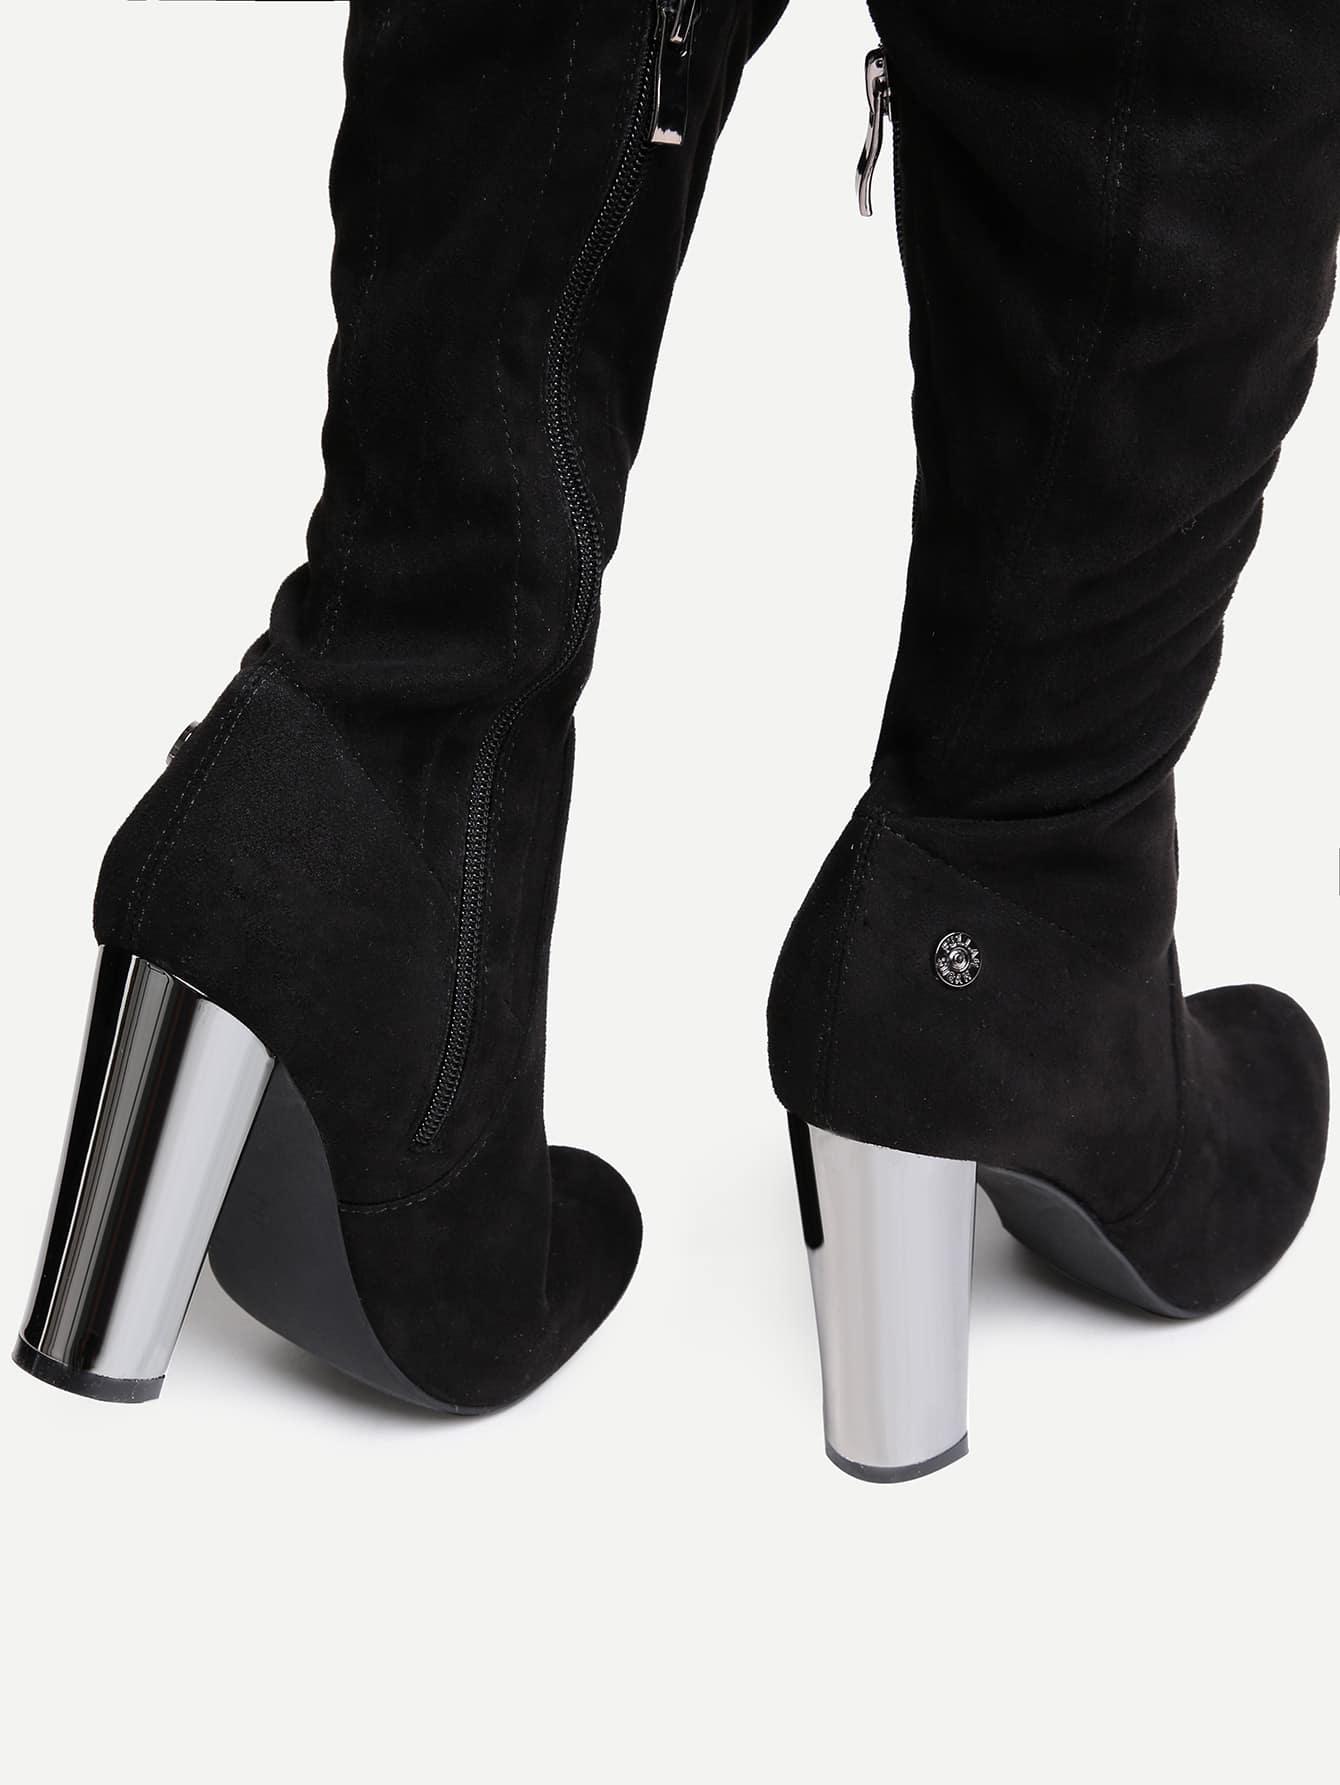 shoes16090720_2